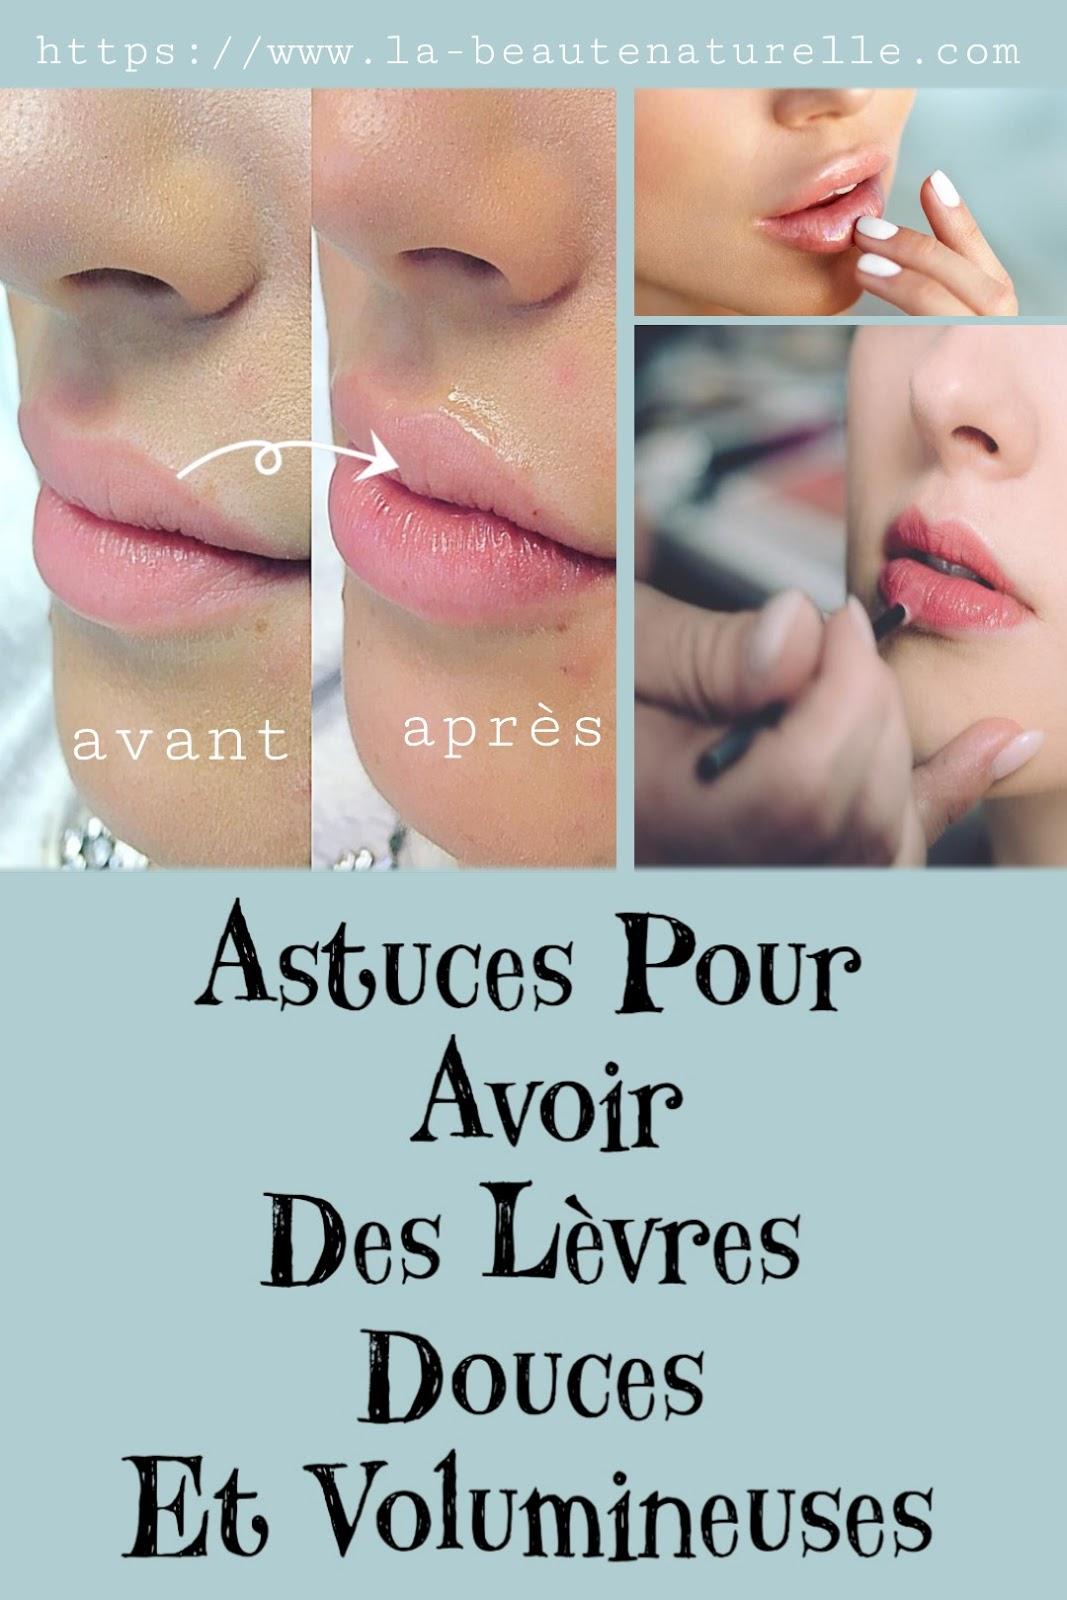 Astuces Pour Avoir Des Lèvres Douces Et Volumineuses